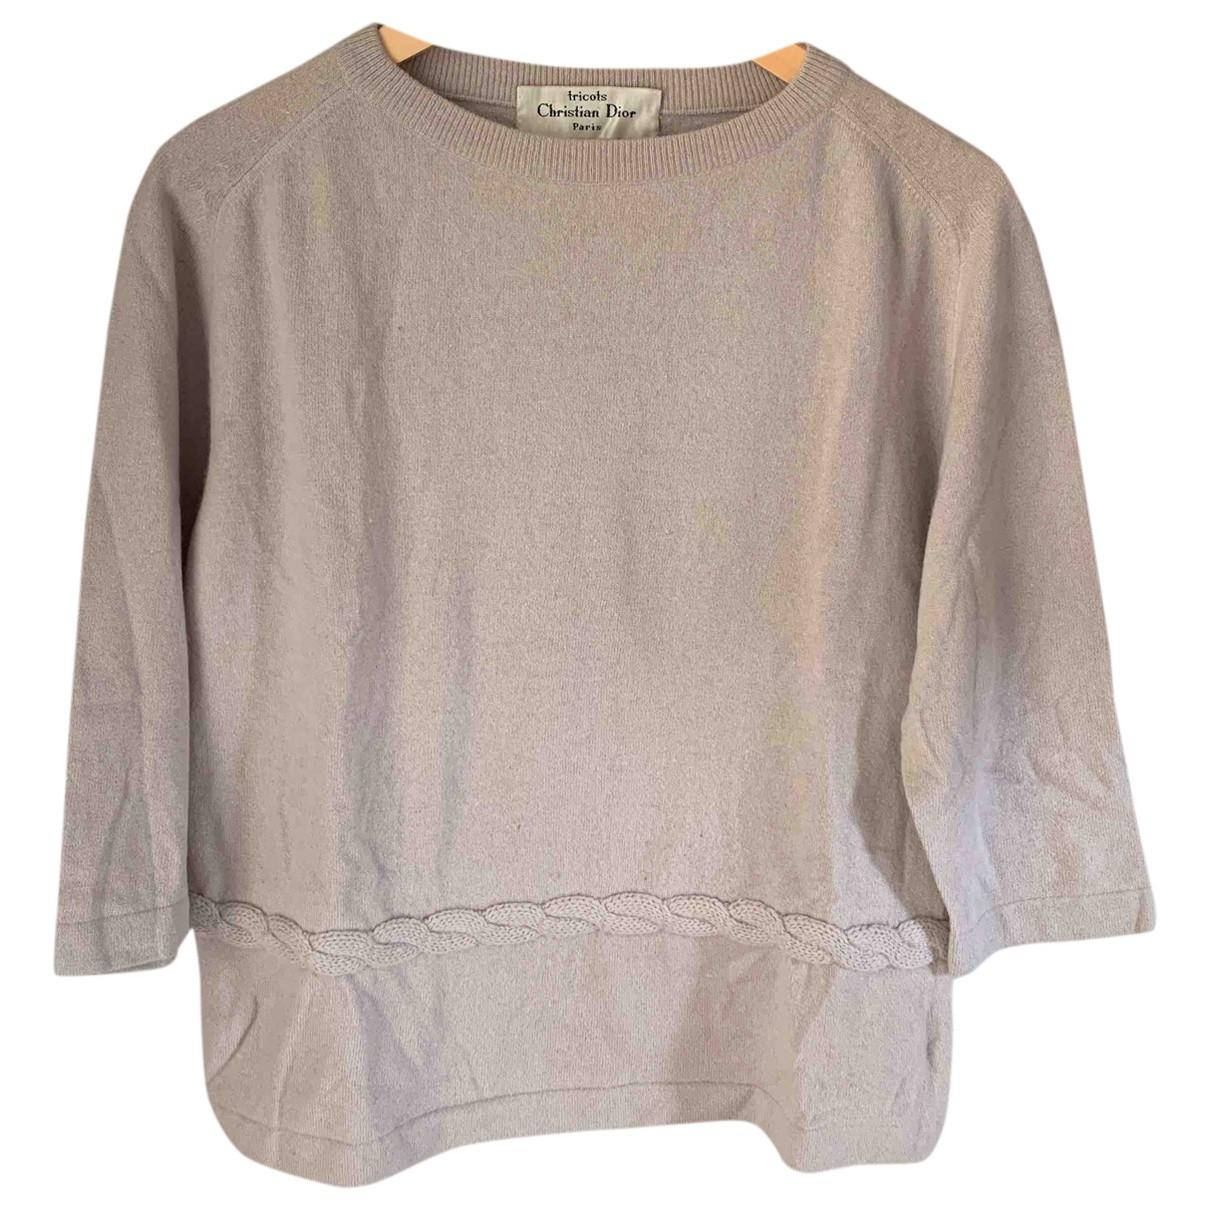 Dior N Beige Wool Knitwear for Women 36 FR